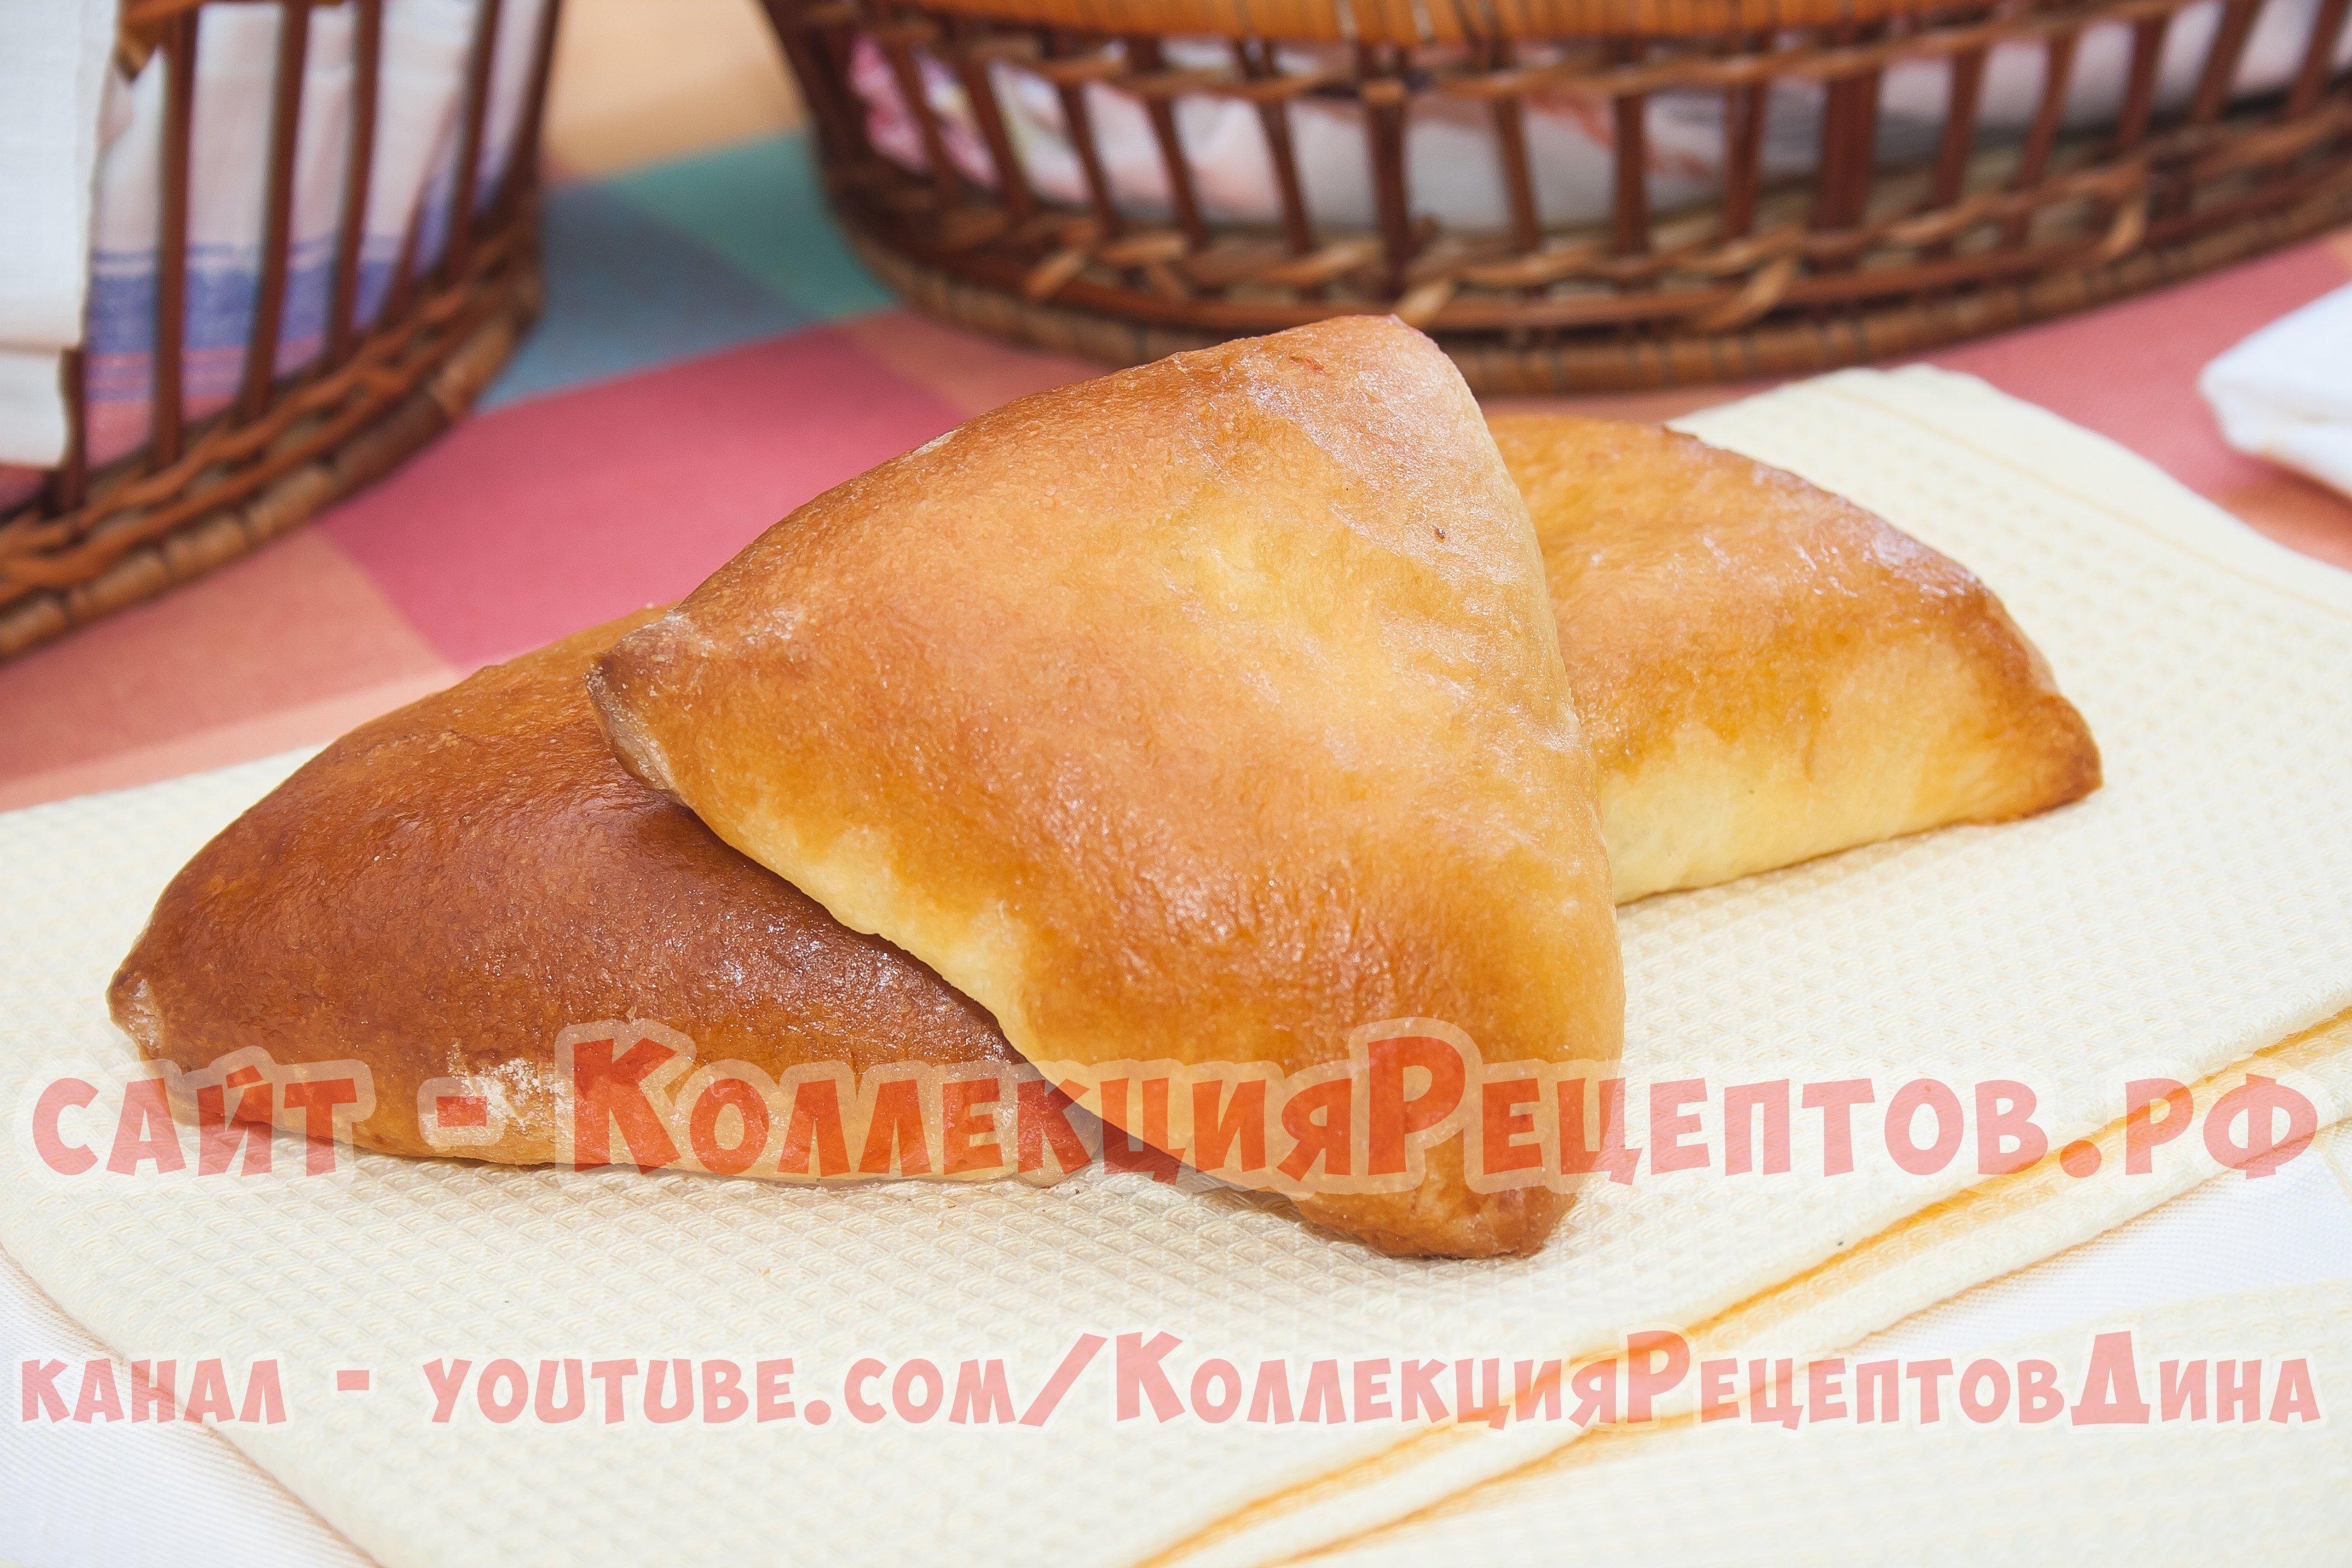 Пирожки с брусникой из дрожжевого теста в духовке рецепт пошагово